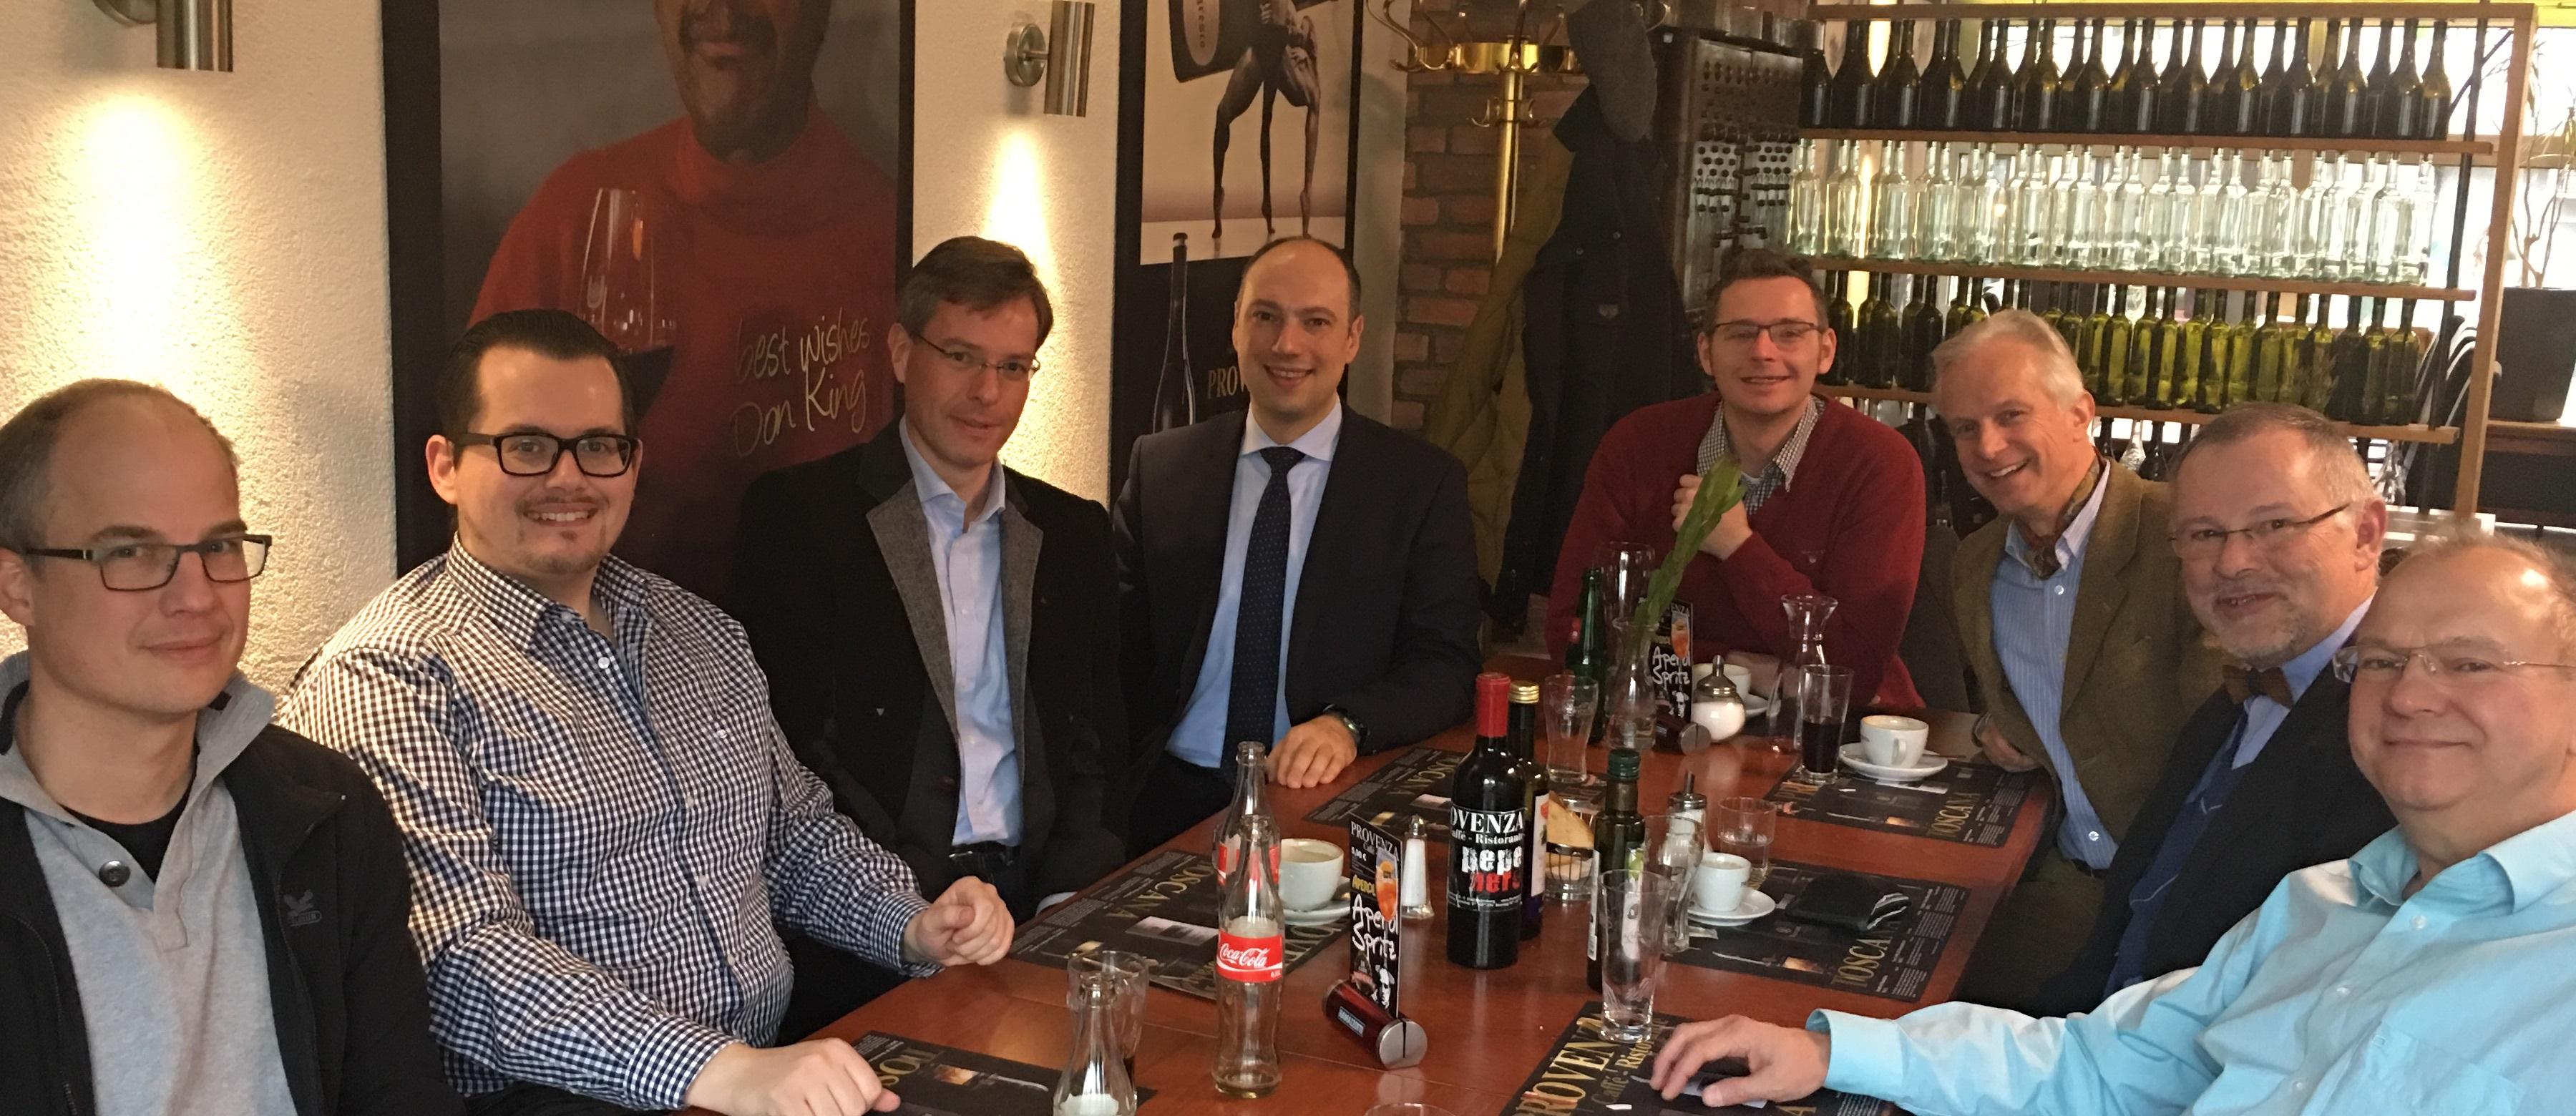 Zu Tisch mit Andreas Krieglstein